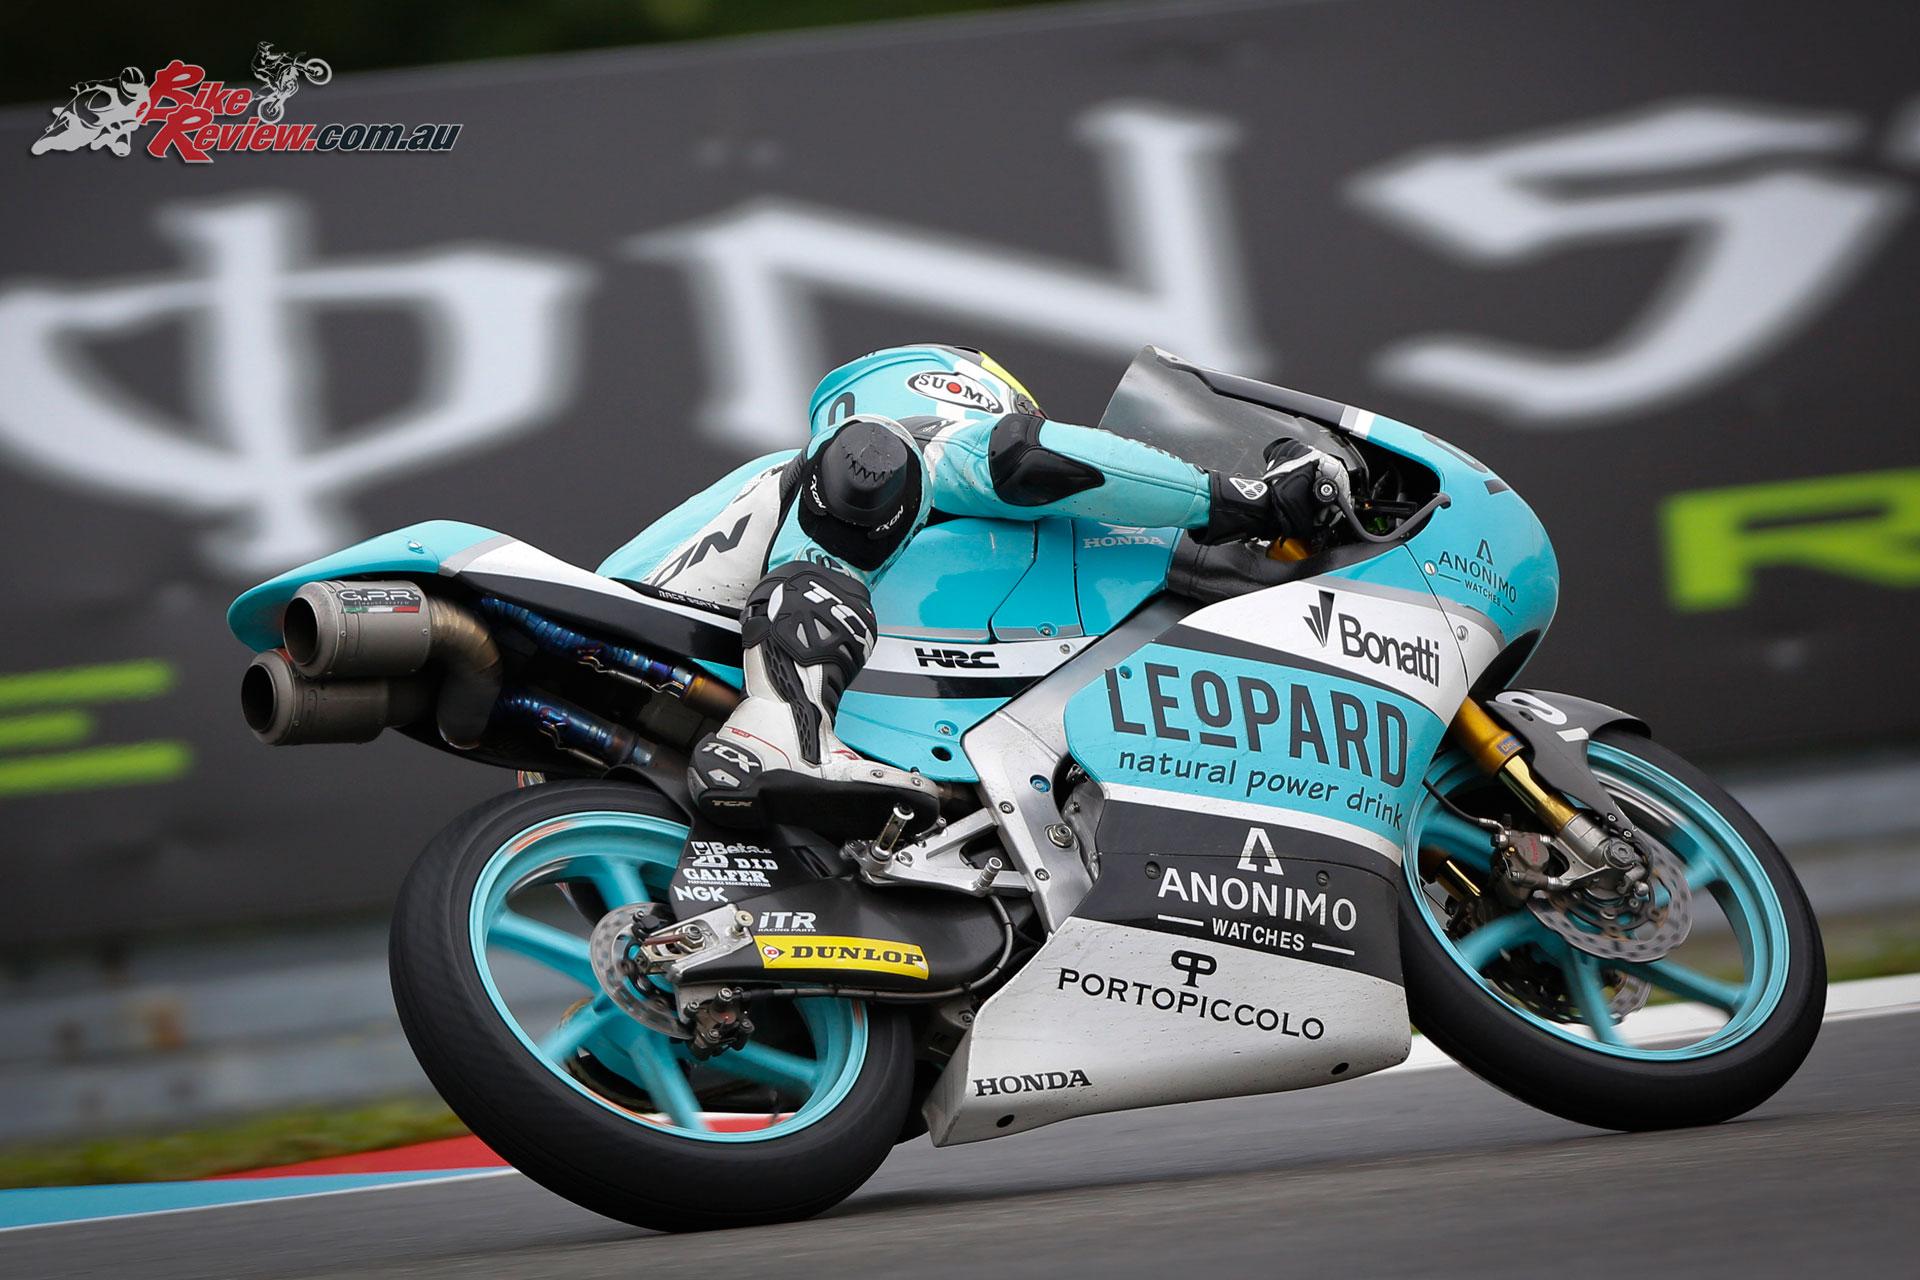 Marquez blitzes flag-to-flag at Brno MotoGP - Bike Review